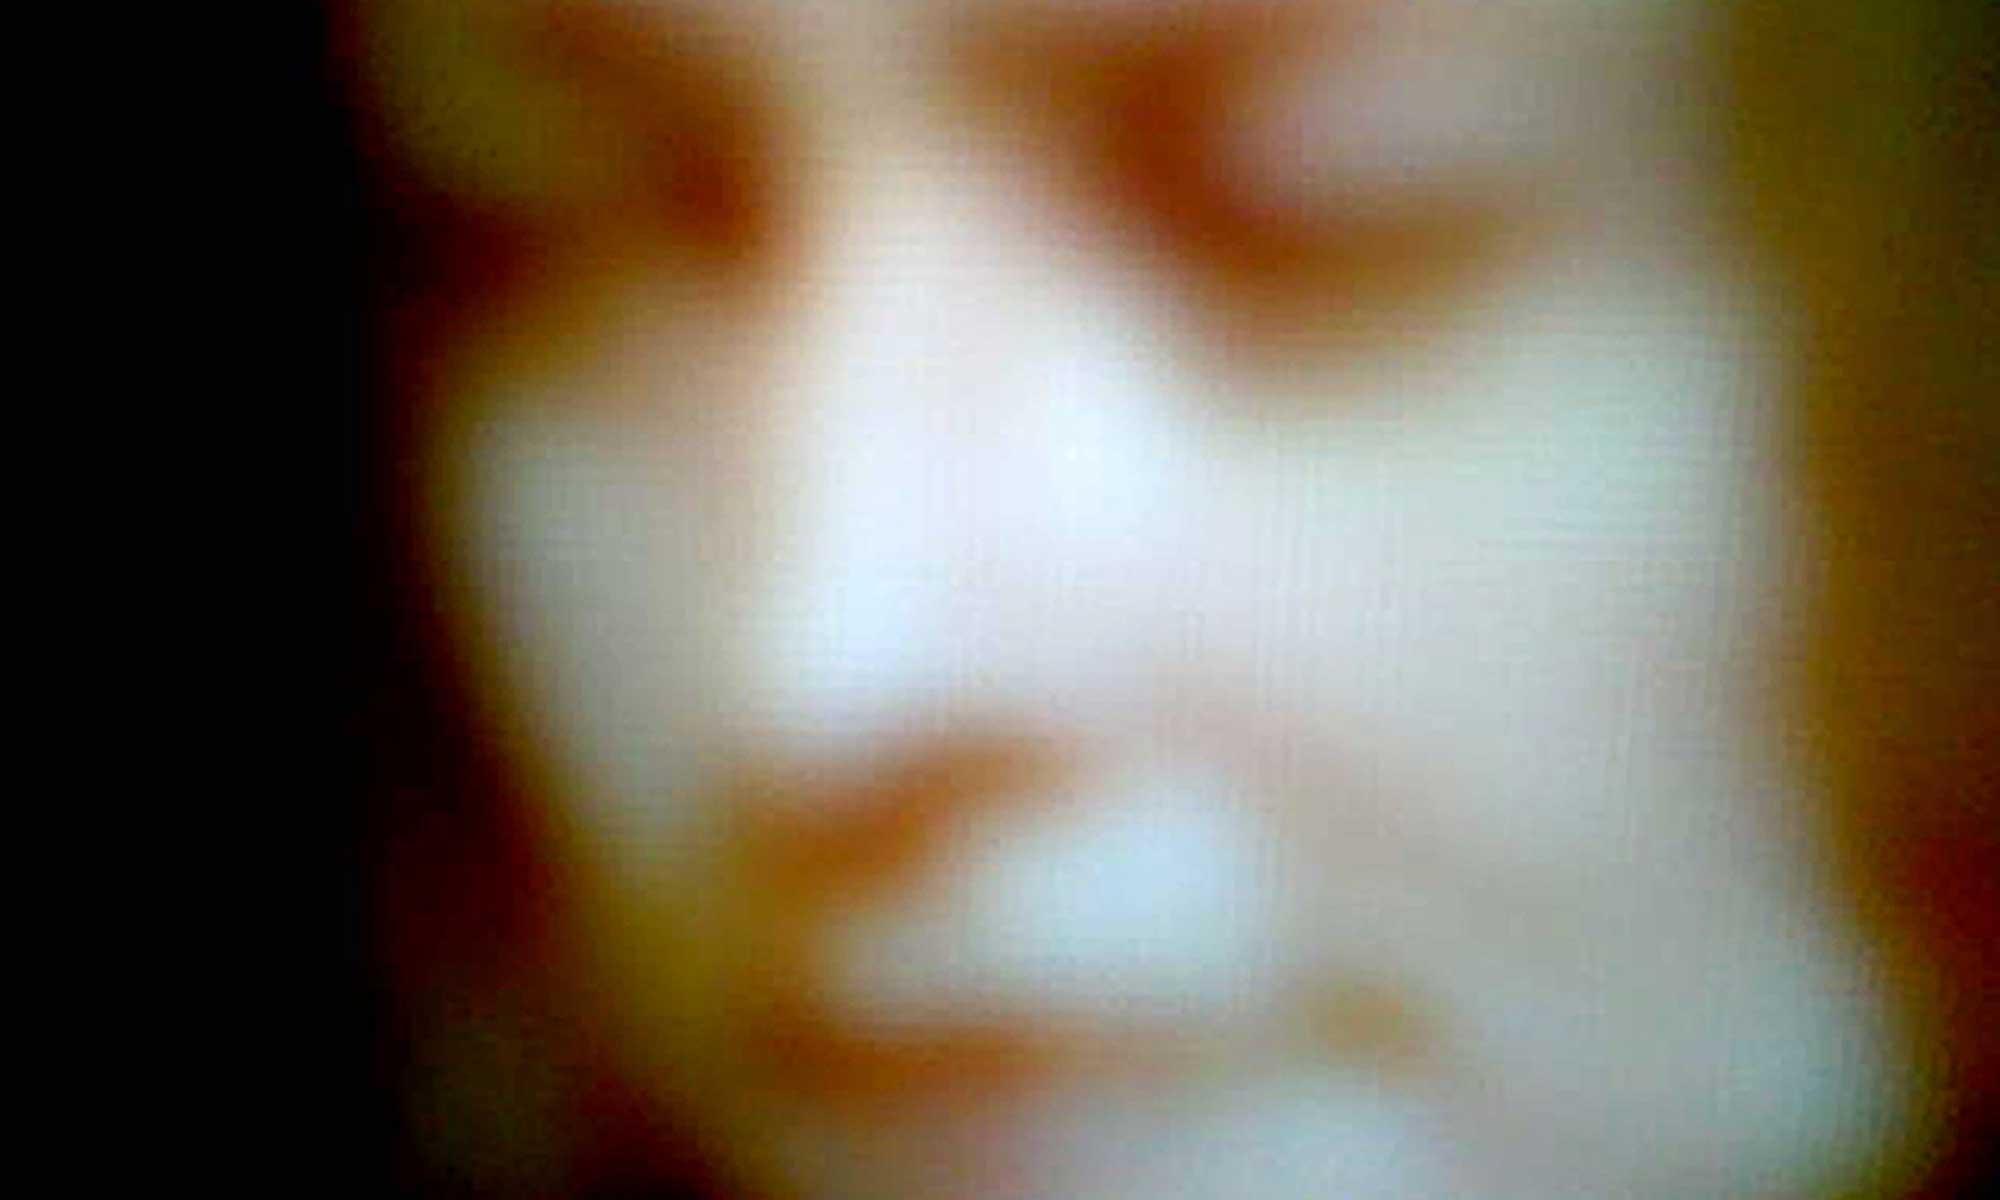 Cecilia Dougherty